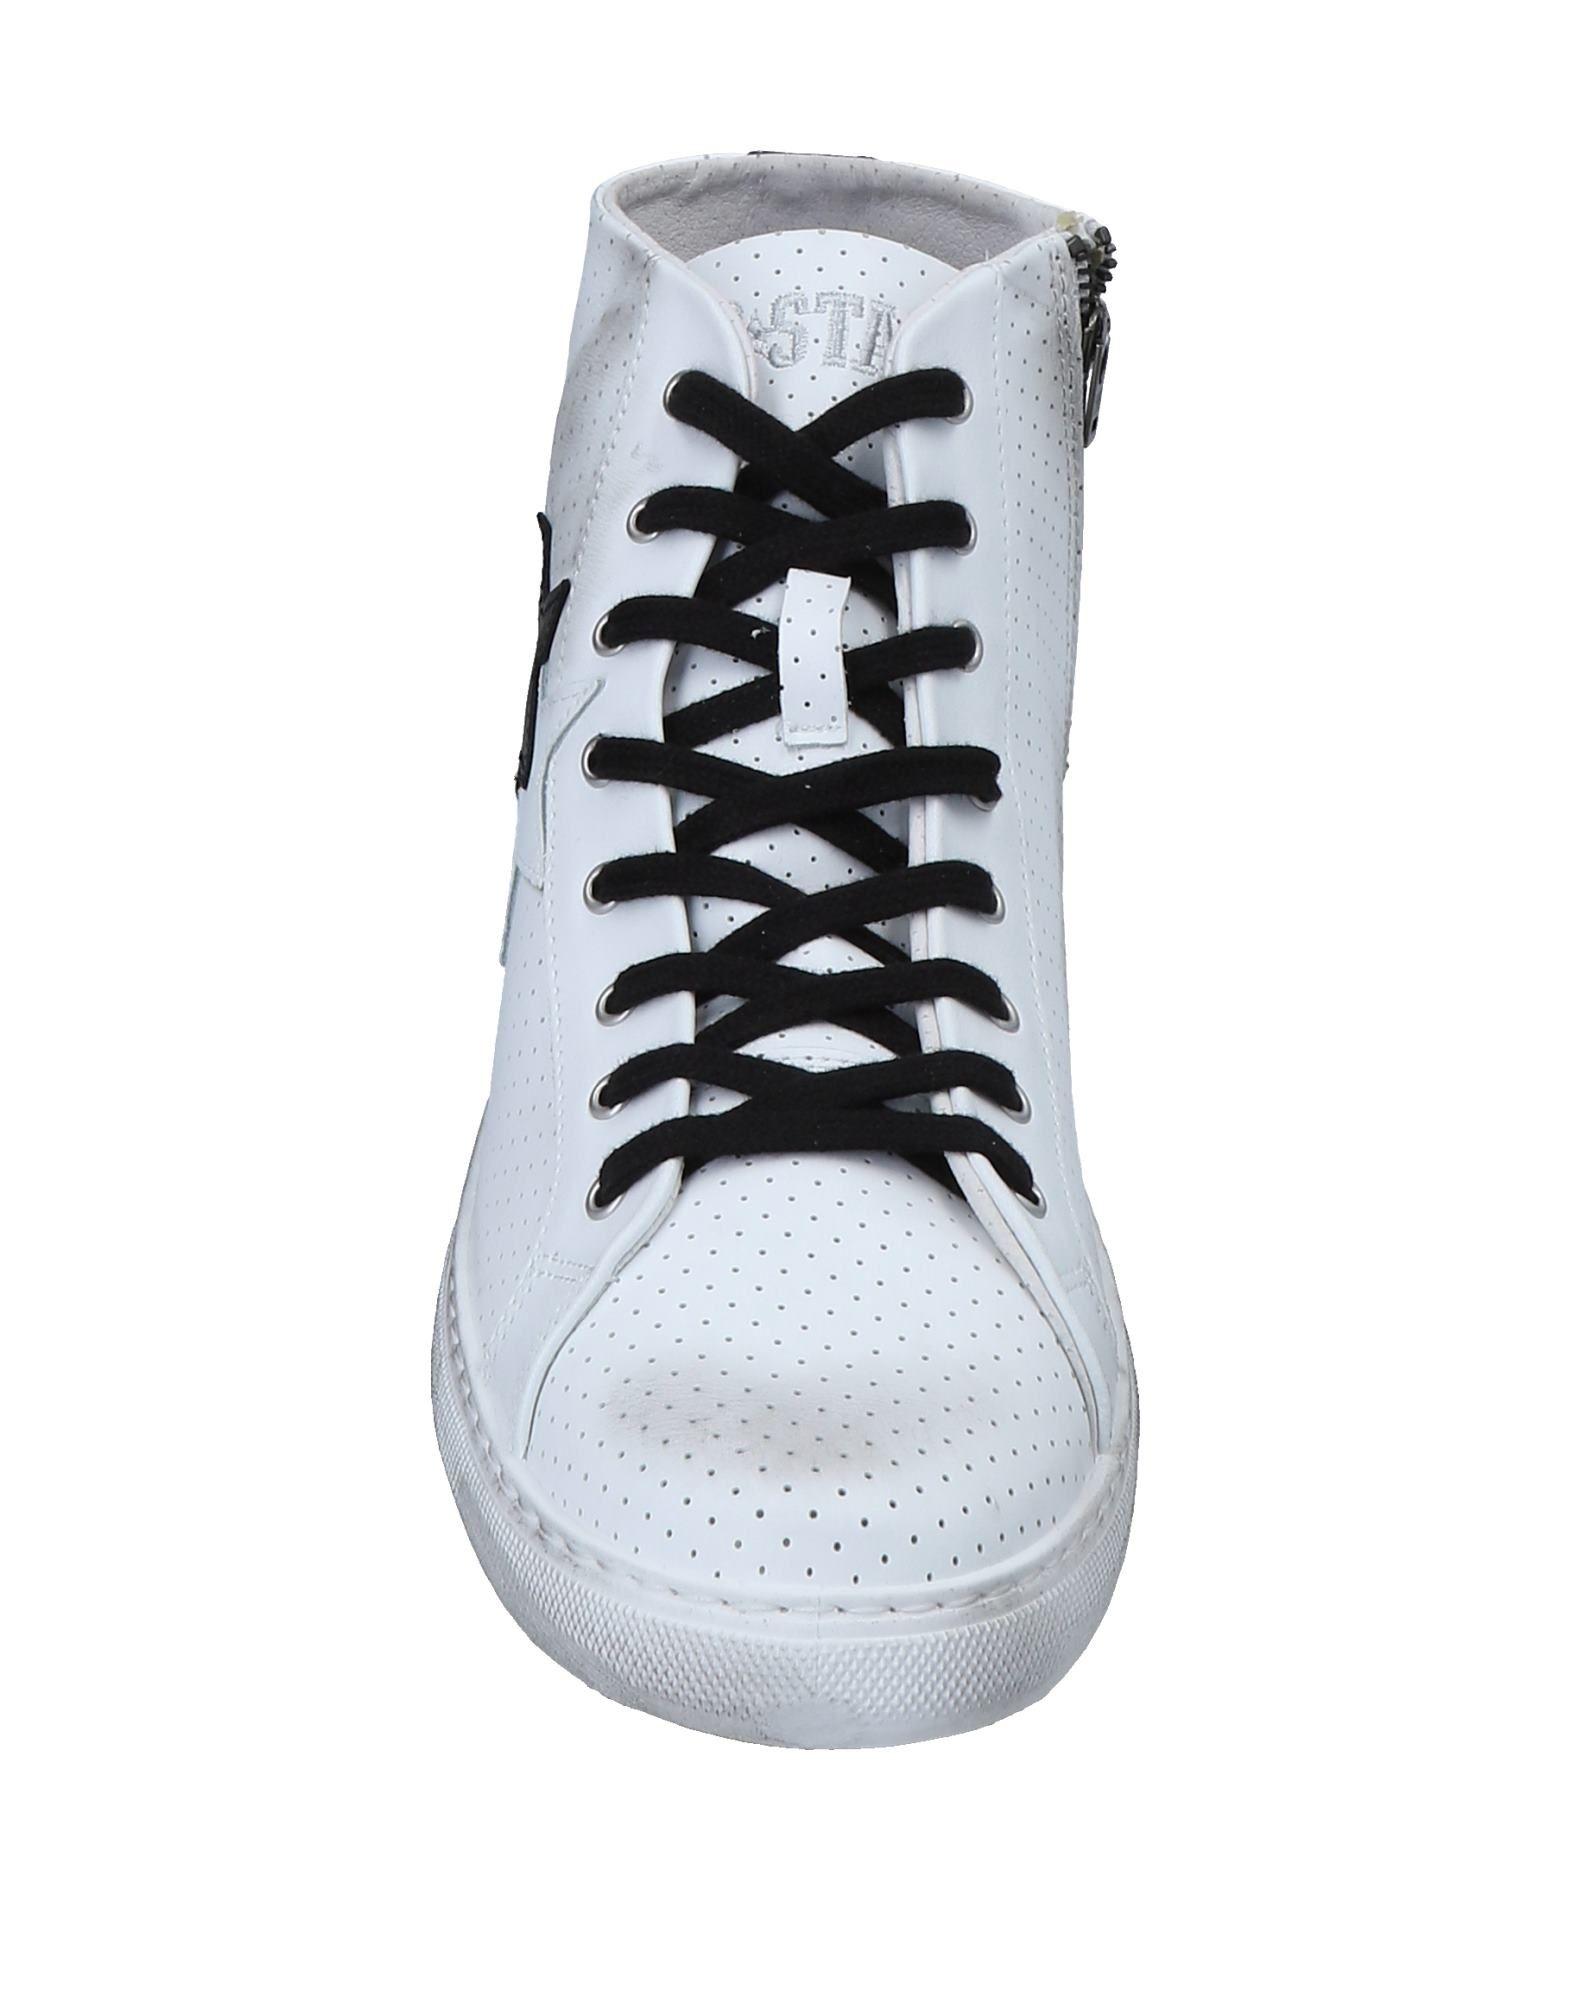 Rabatt Herren echte Schuhe 2Star Sneakers Herren Rabatt  11547353WX 025910